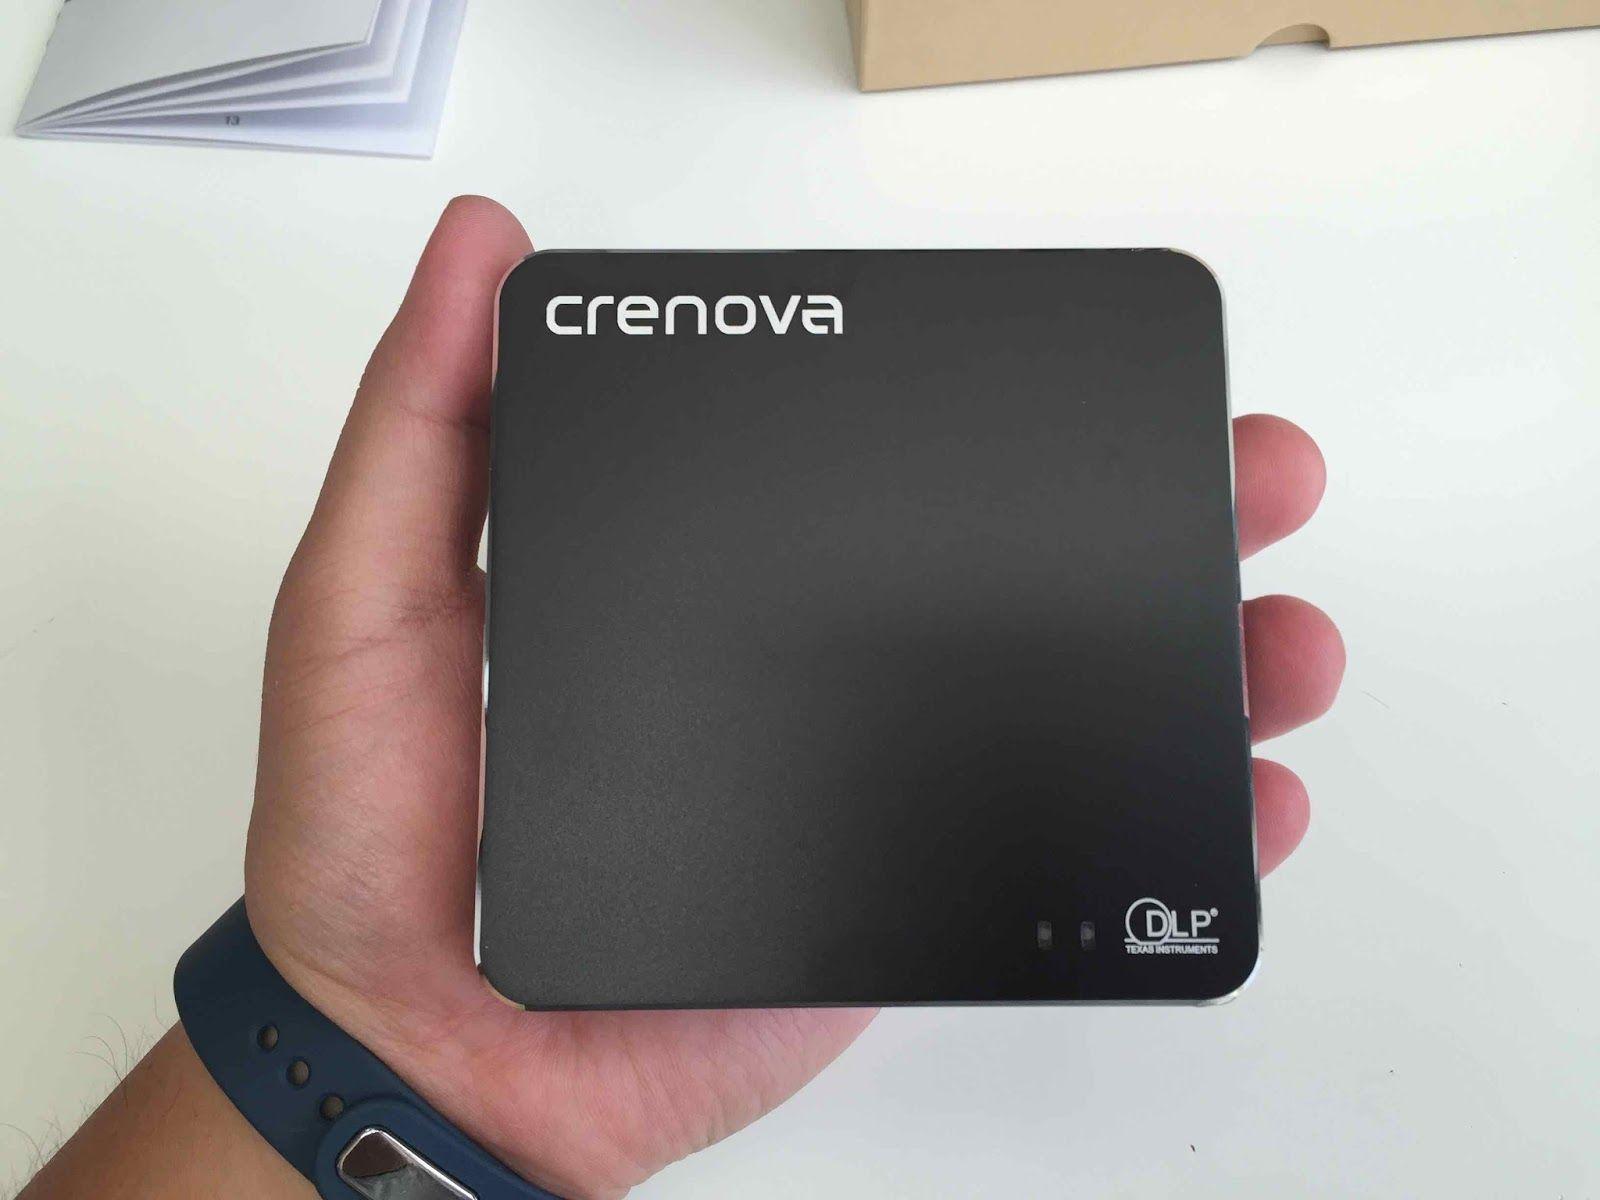 商品リンク: http://amzn.to/2cOqul2       Crenova HDMI小型ミニプロジェクター…